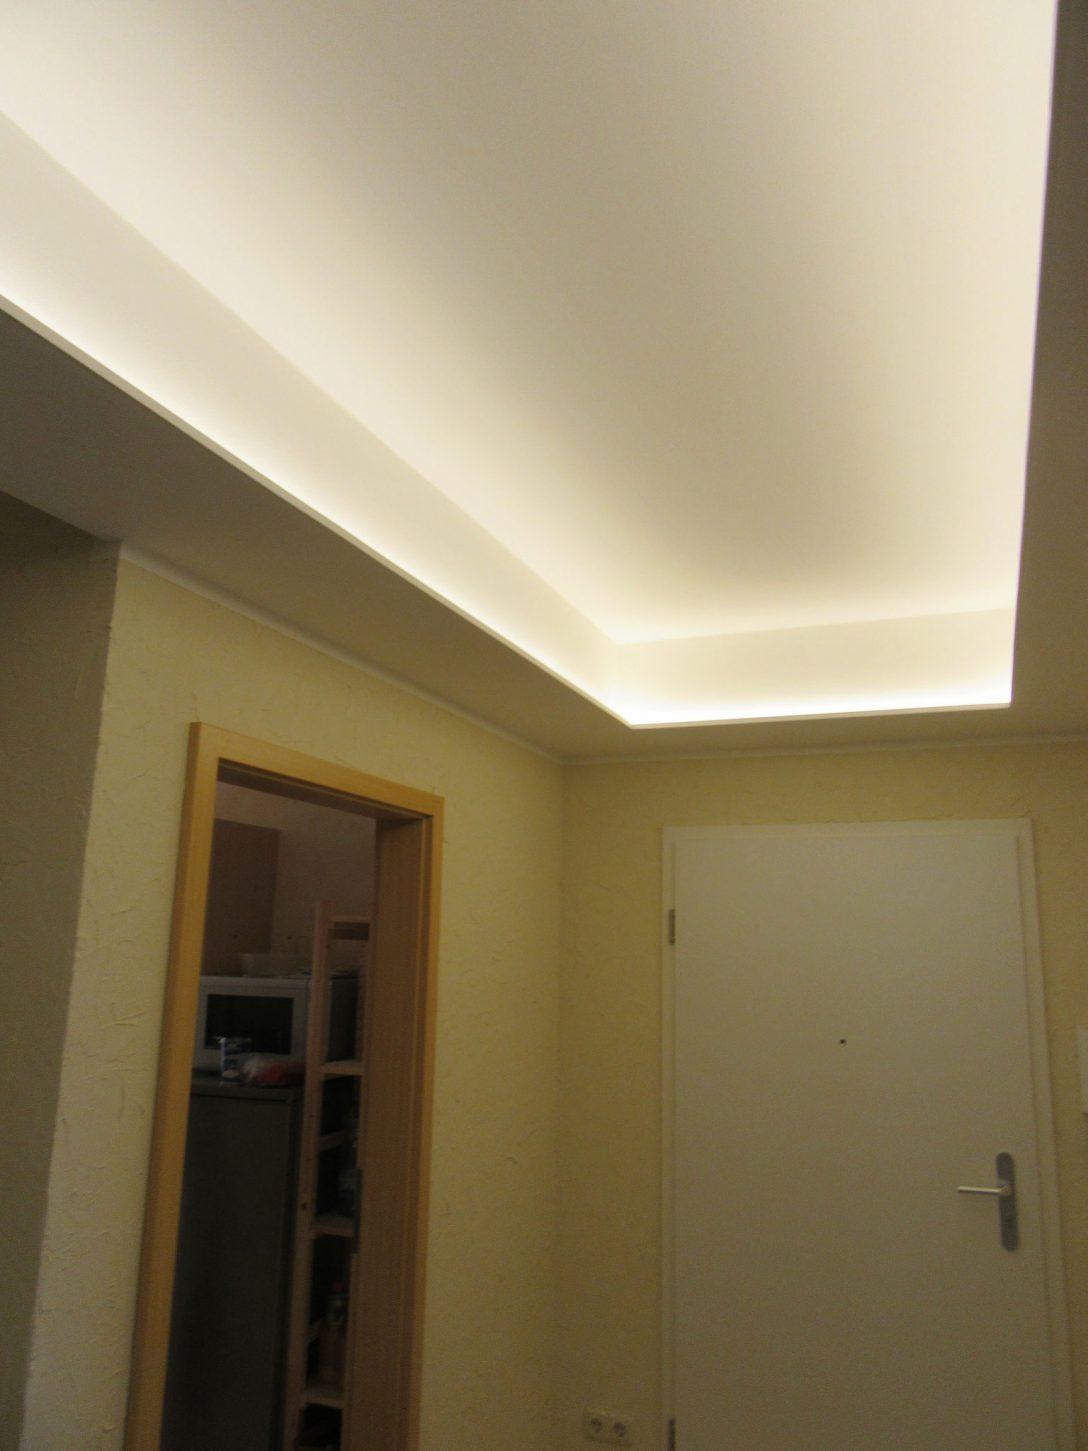 Large Size of Indirekte Beleuchtung Decke Schlafzimmer Deckenleuchte Wohnzimmer Deckenlampe Led Bad Moderne Küche Deckenlampen Modern Deckenleuchten Im Fenster Wohnzimmer Indirekte Beleuchtung Decke